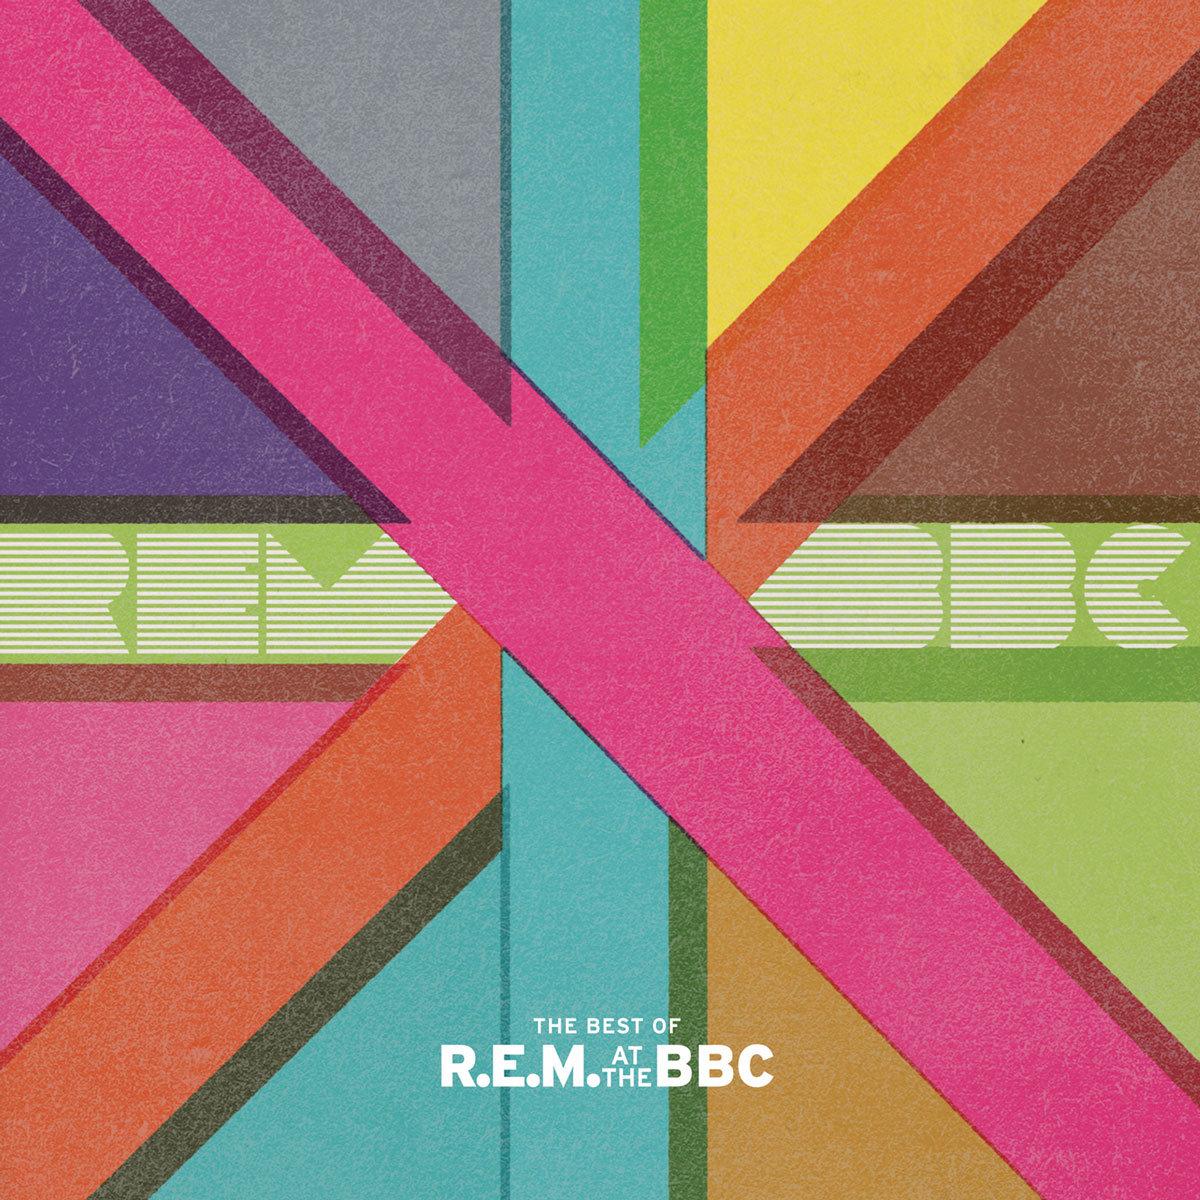 R.E.M – R.E.M. At The BBC